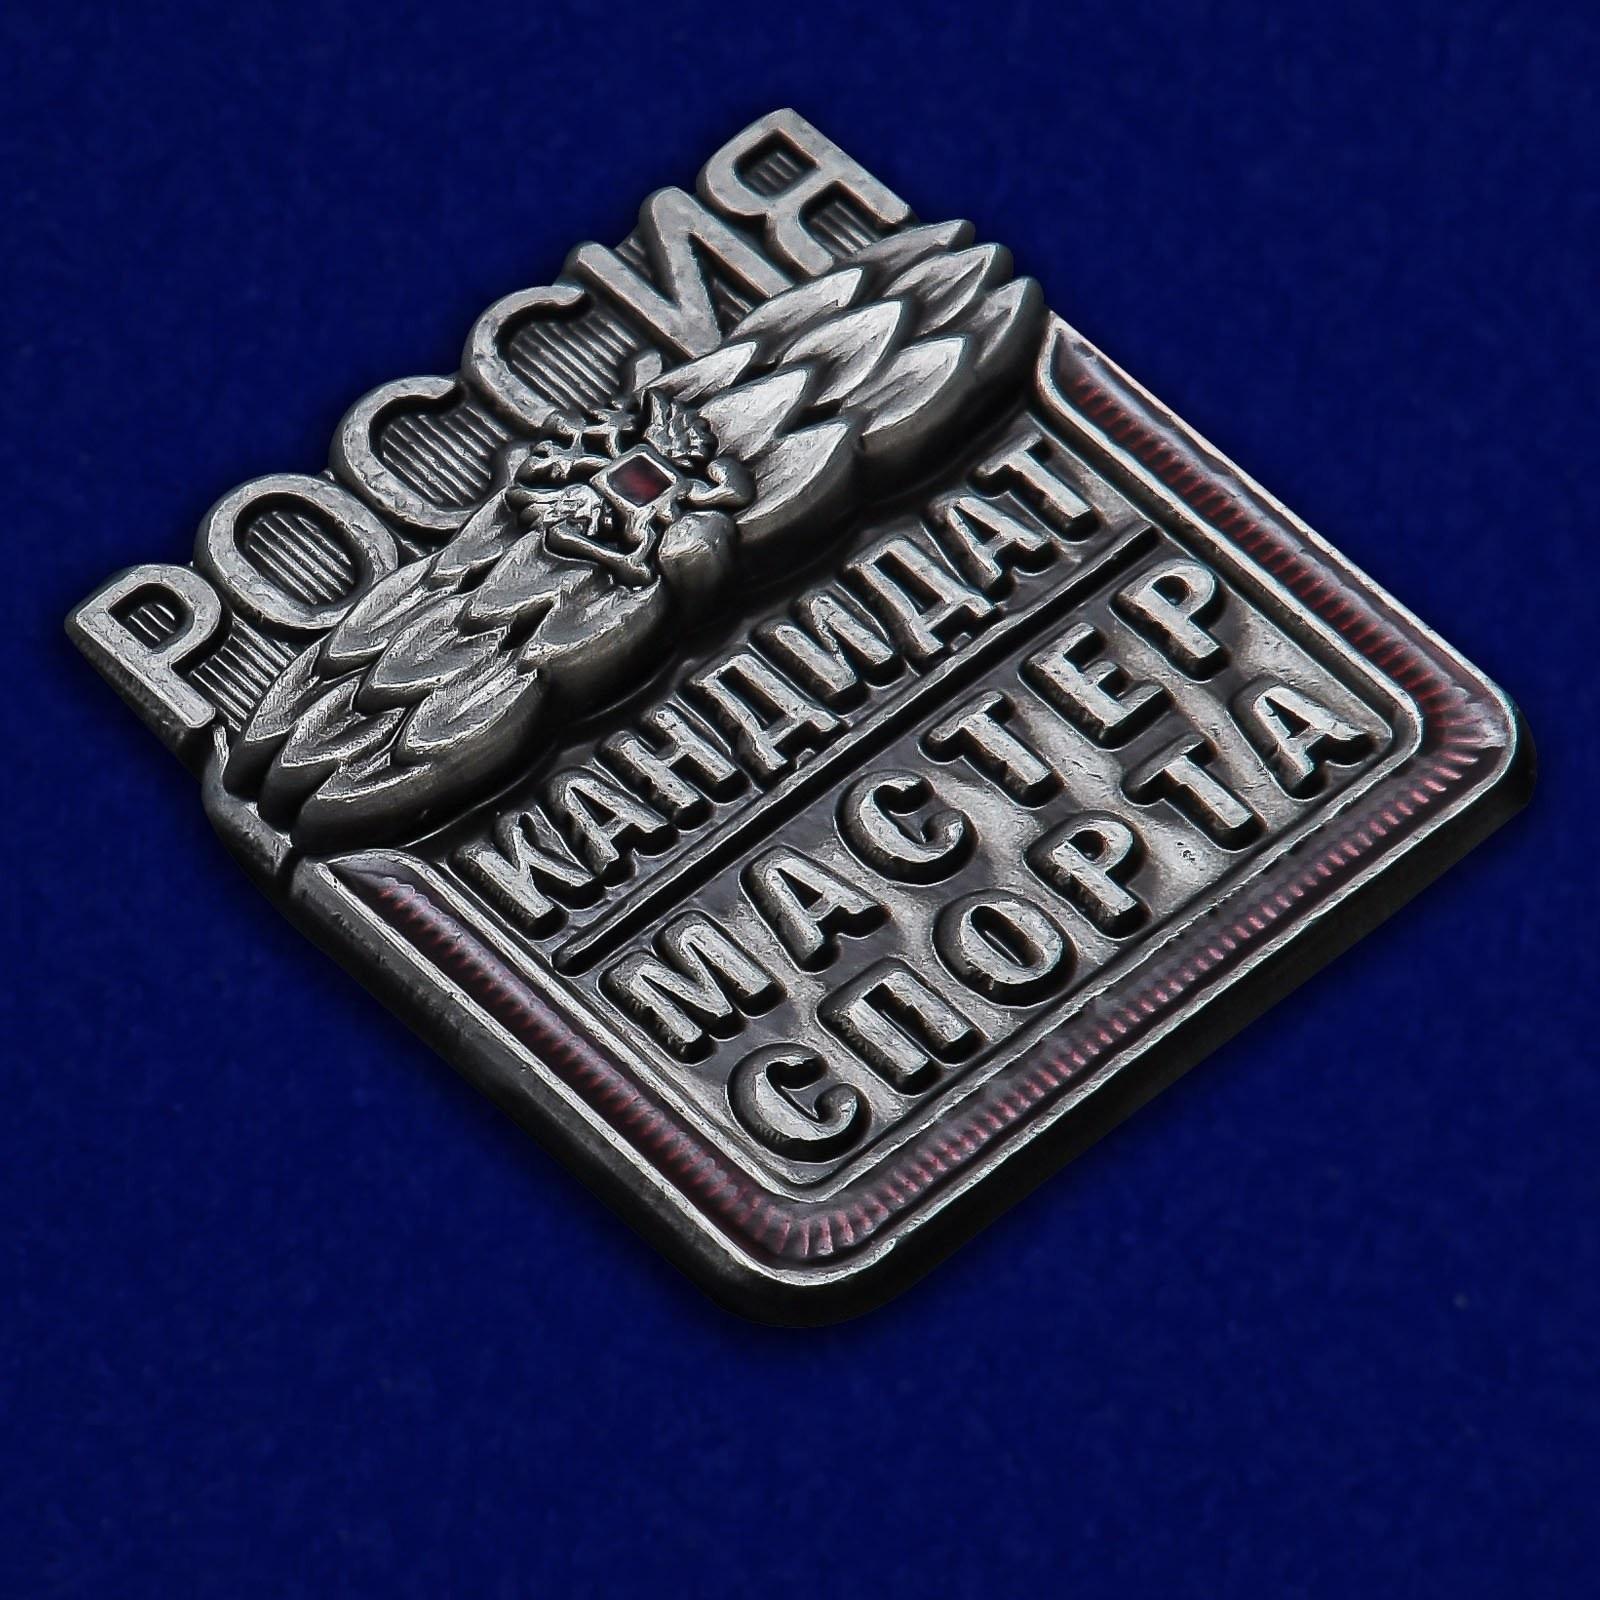 Знак Кандидат в мастера спорта России винт, копия